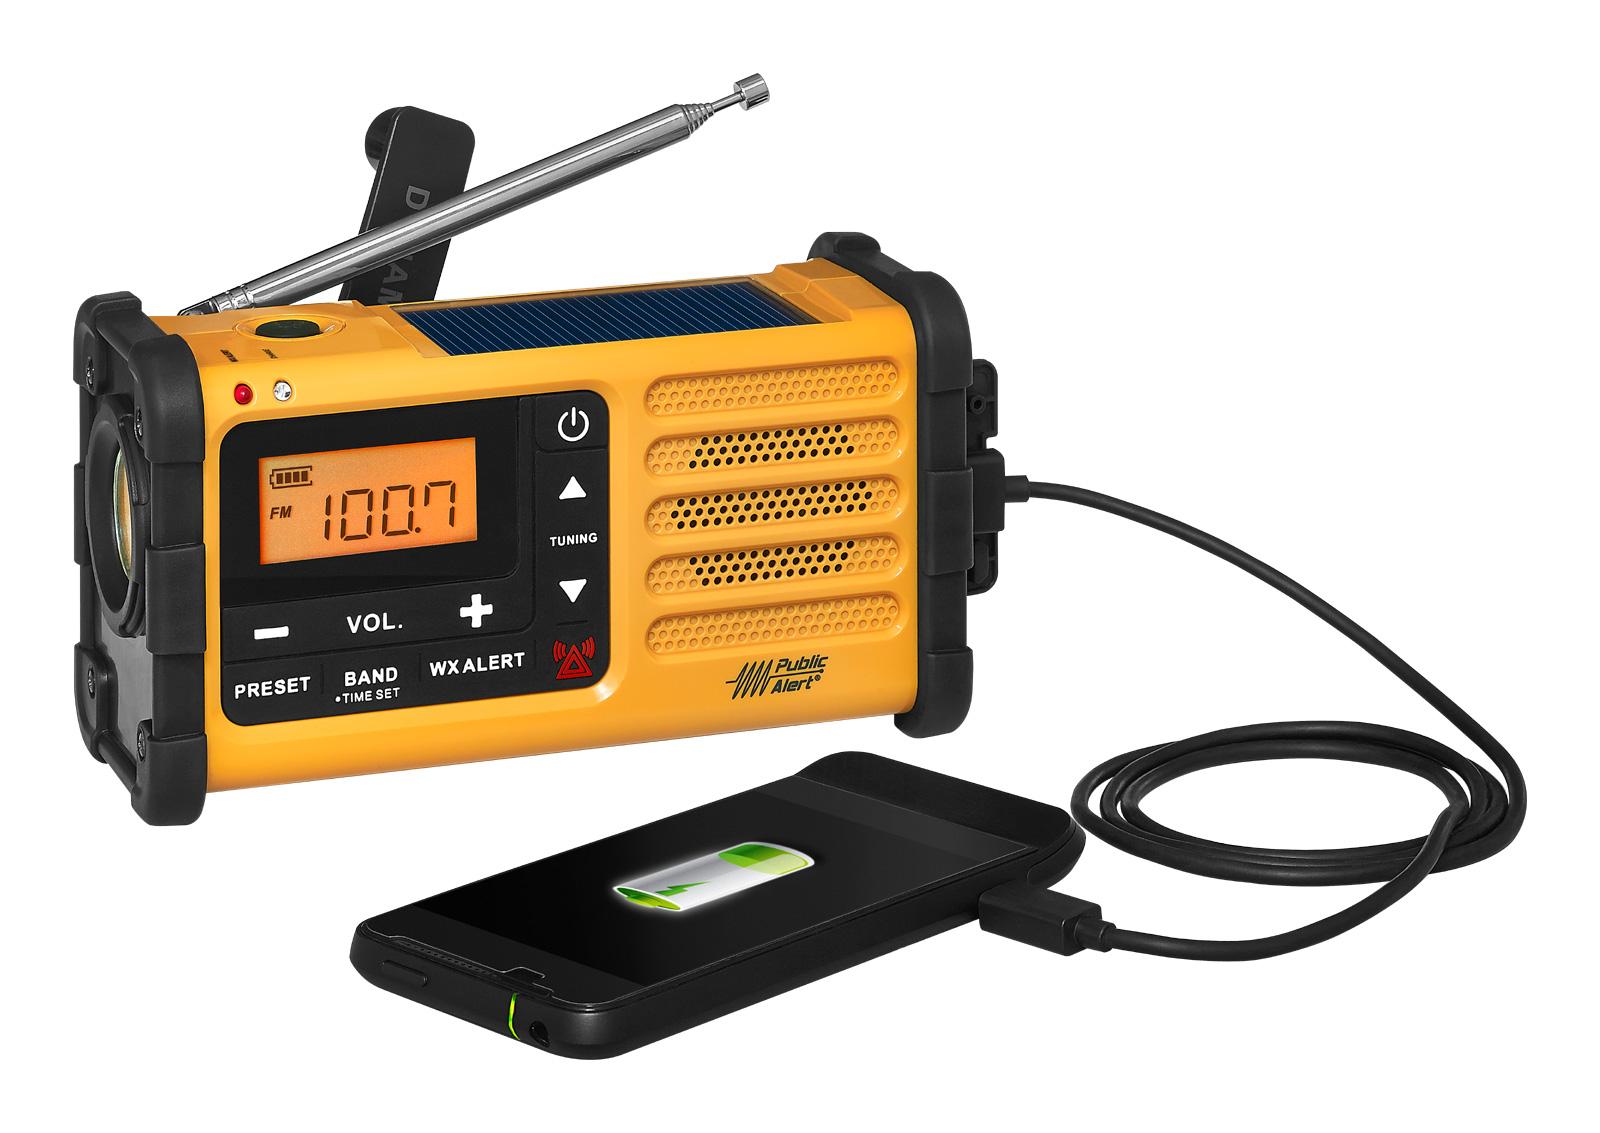 Sangean MMR-88 Emergency Radio | radiojayallen